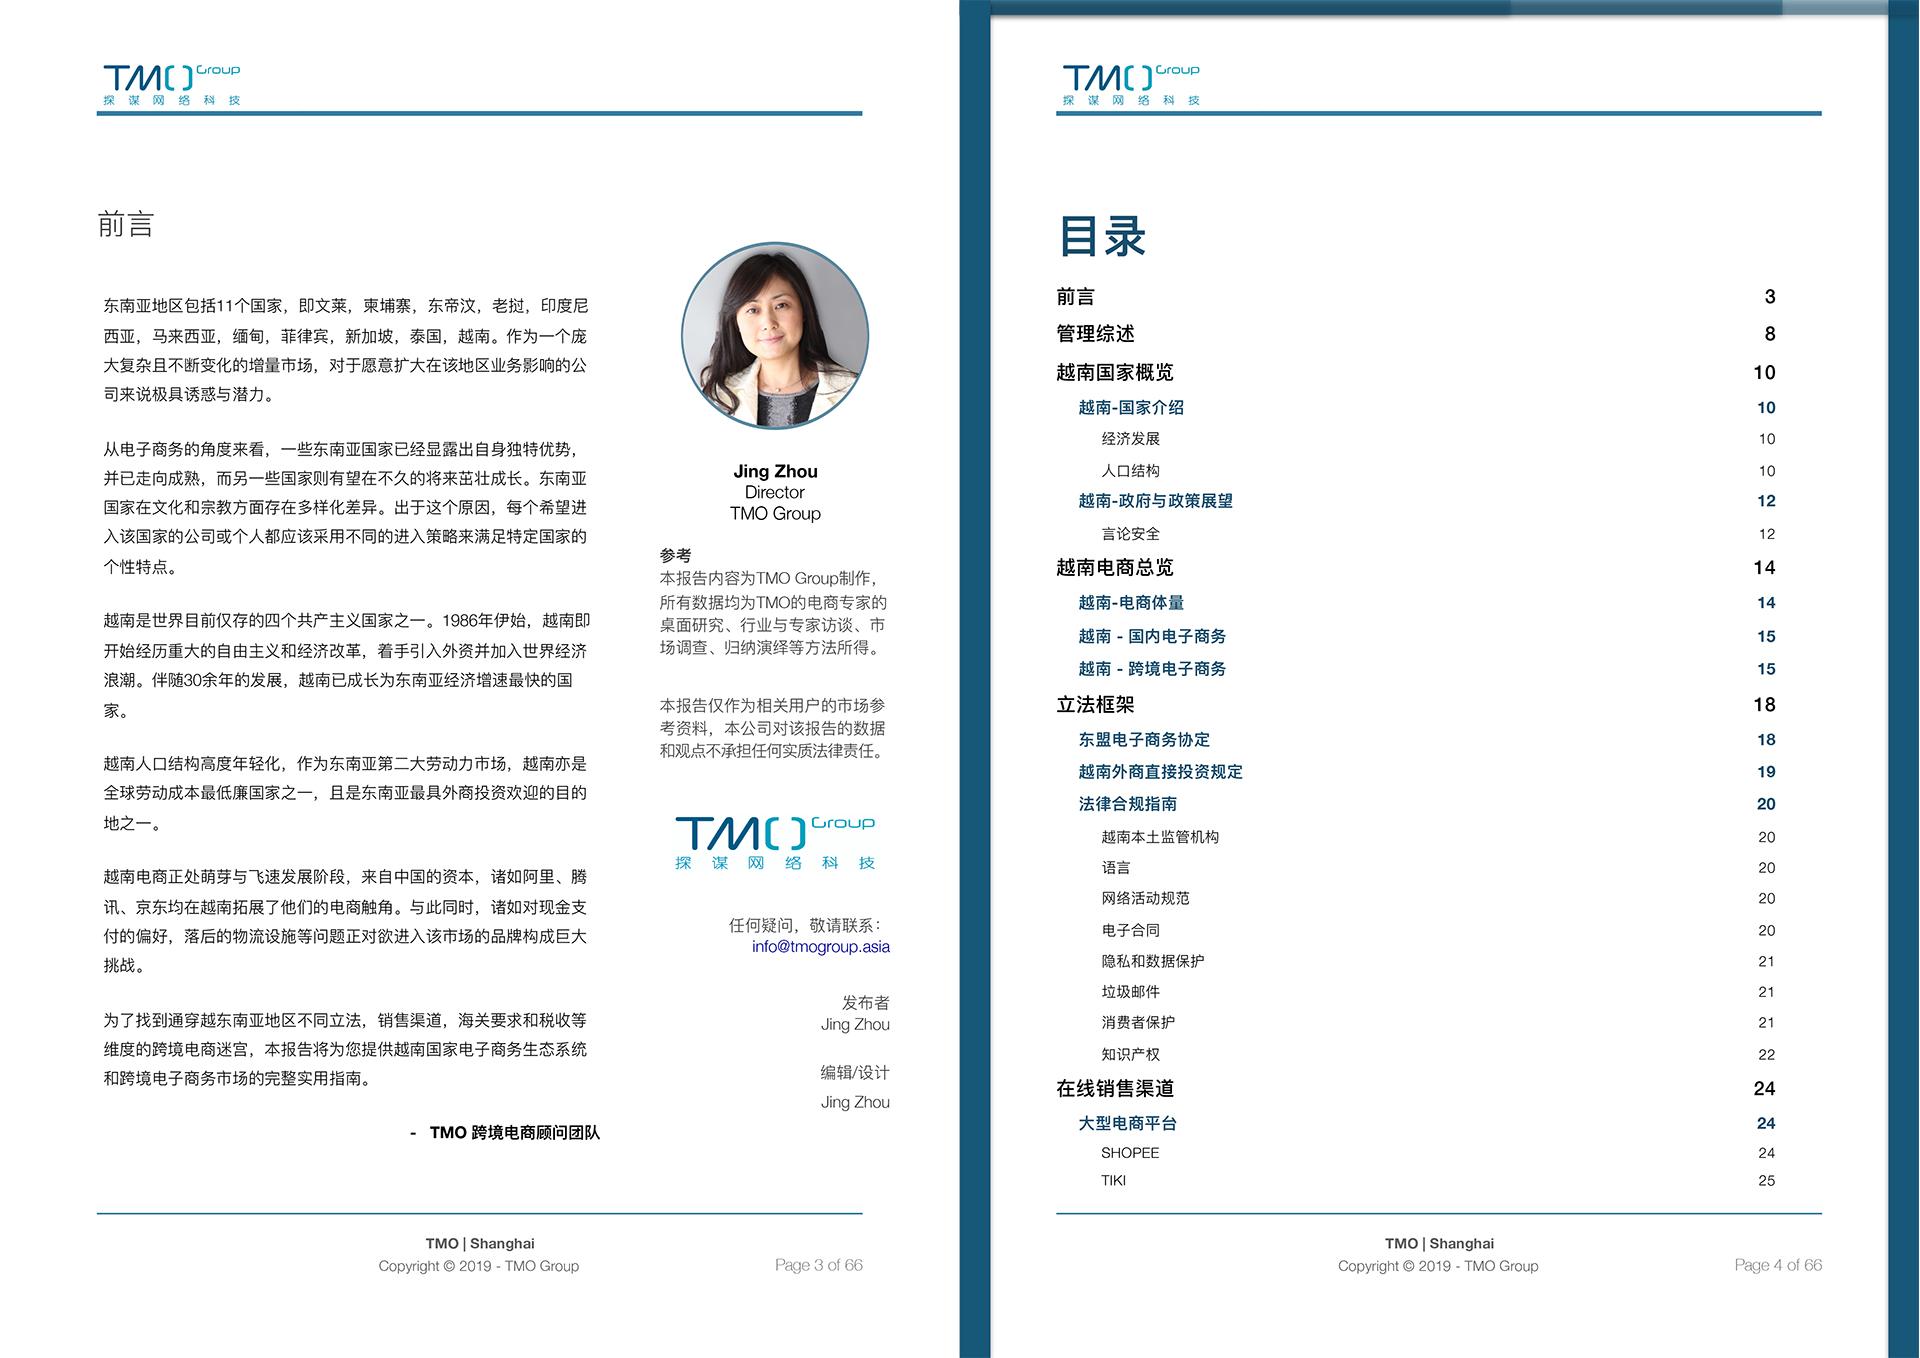 越南电商目录1